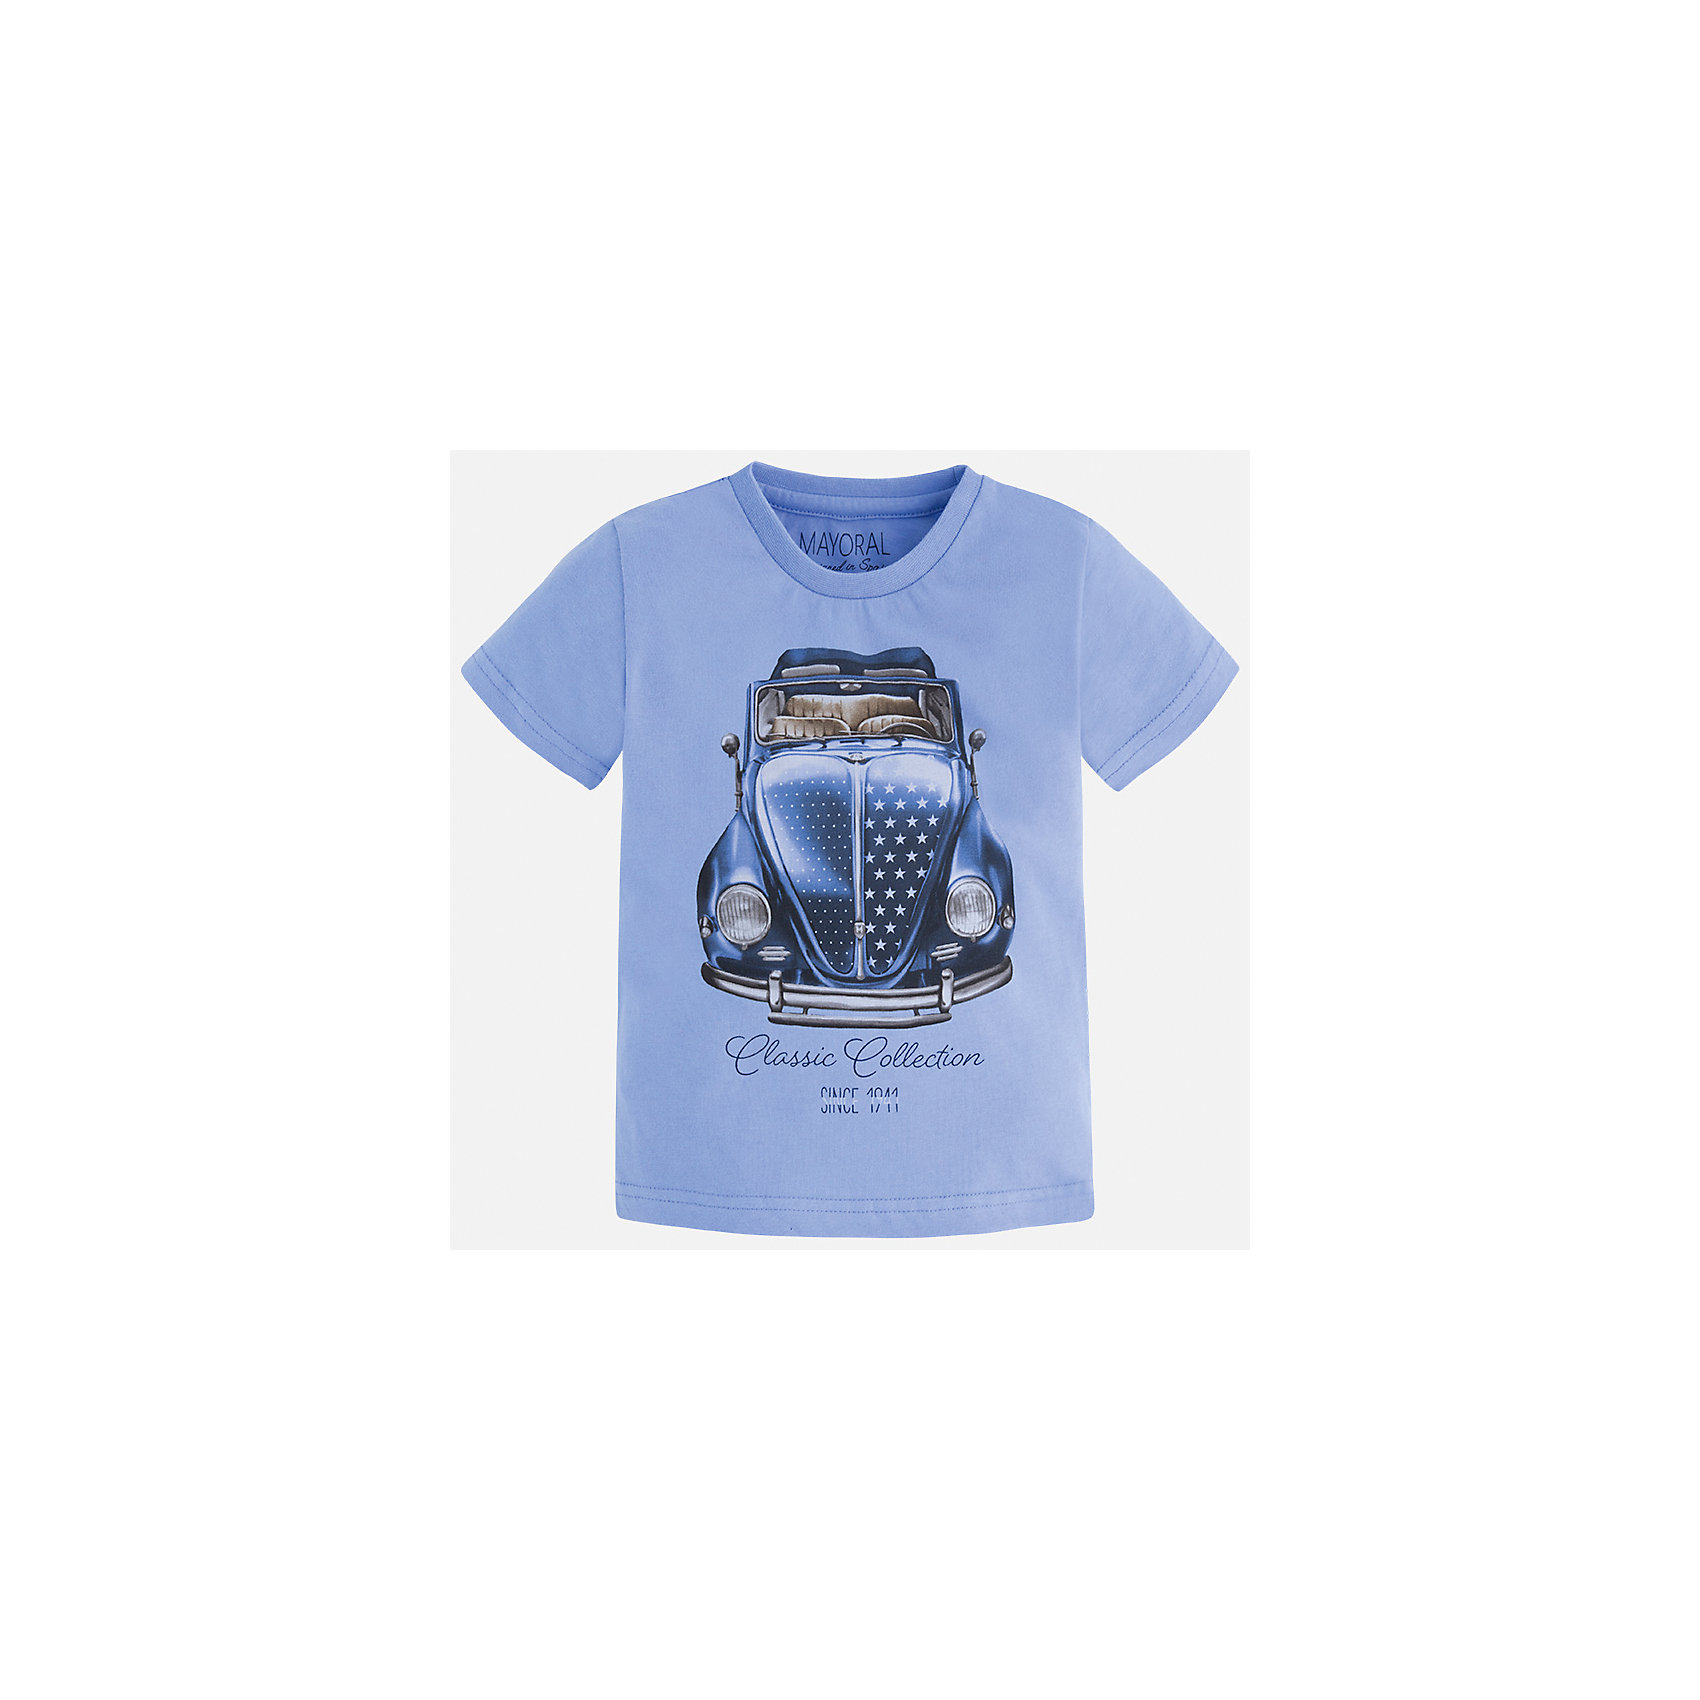 Футболка для мальчика MayoralФутболки, поло и топы<br>Характеристики товара:<br><br>• цвет: голубой<br>• состав: 100% хлопок<br>• круглый горловой вырез<br>• декорирована принтом<br>• короткие рукава<br>• отделка горловины<br>• страна бренда: Испания<br><br>Модная удобная футболка с принтом поможет разнообразить гардероб мальчика. Она отлично сочетается с брюками, шортами, джинсами. Универсальный крой и цвет позволяет подобрать к вещи низ разных расцветок. Практичное и стильное изделие! Хорошо смотрится и комфортно сидит на детях. В составе материала - только натуральный хлопок, гипоаллергенный, приятный на ощупь, дышащий. <br><br>Одежда, обувь и аксессуары от испанского бренда Mayoral полюбились детям и взрослым по всему миру. Модели этой марки - стильные и удобные. Для их производства используются только безопасные, качественные материалы и фурнитура. Порадуйте ребенка модными и красивыми вещами от Mayoral! <br><br>Футболку для мальчика от испанского бренда Mayoral (Майорал) можно купить в нашем интернет-магазине.<br><br>Ширина мм: 199<br>Глубина мм: 10<br>Высота мм: 161<br>Вес г: 151<br>Цвет: белый<br>Возраст от месяцев: 18<br>Возраст до месяцев: 24<br>Пол: Мужской<br>Возраст: Детский<br>Размер: 92,134,128,122,110,98,104,116<br>SKU: 5279908